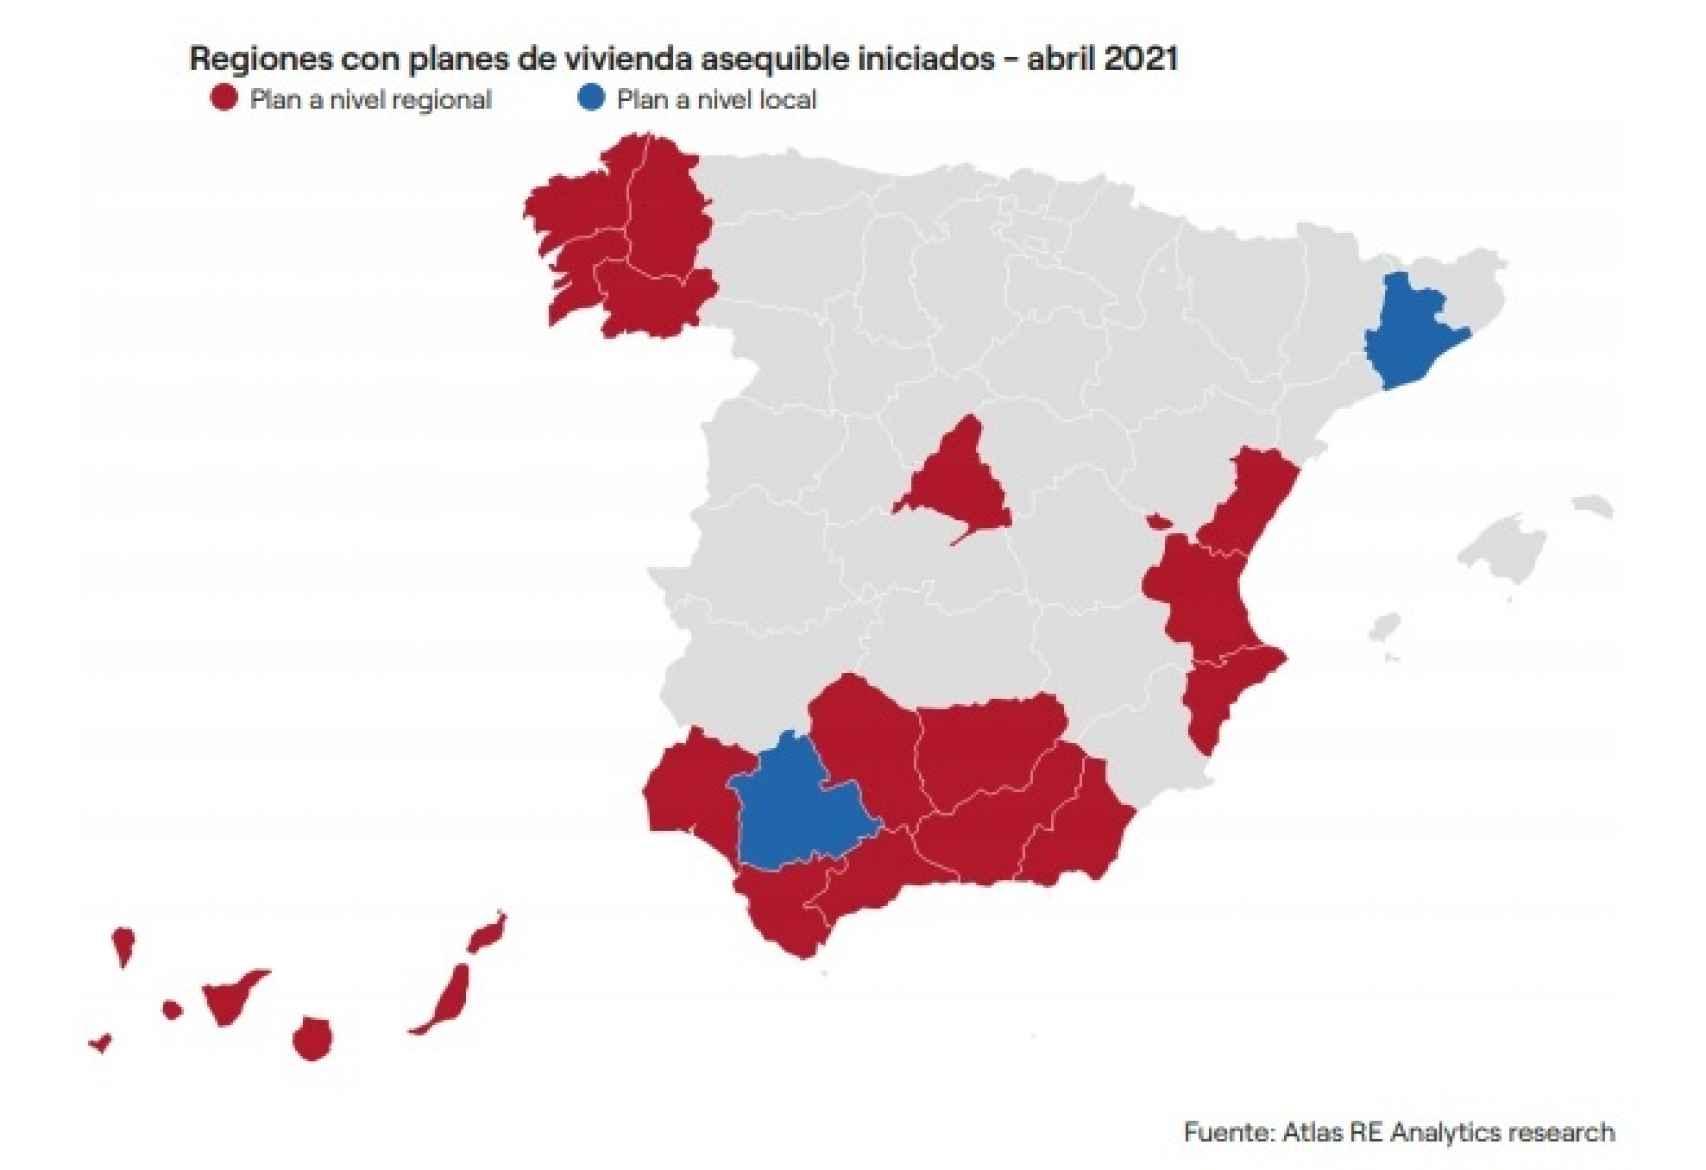 Regiones con planes de vivienda asequible iniciados en abril de 2021.